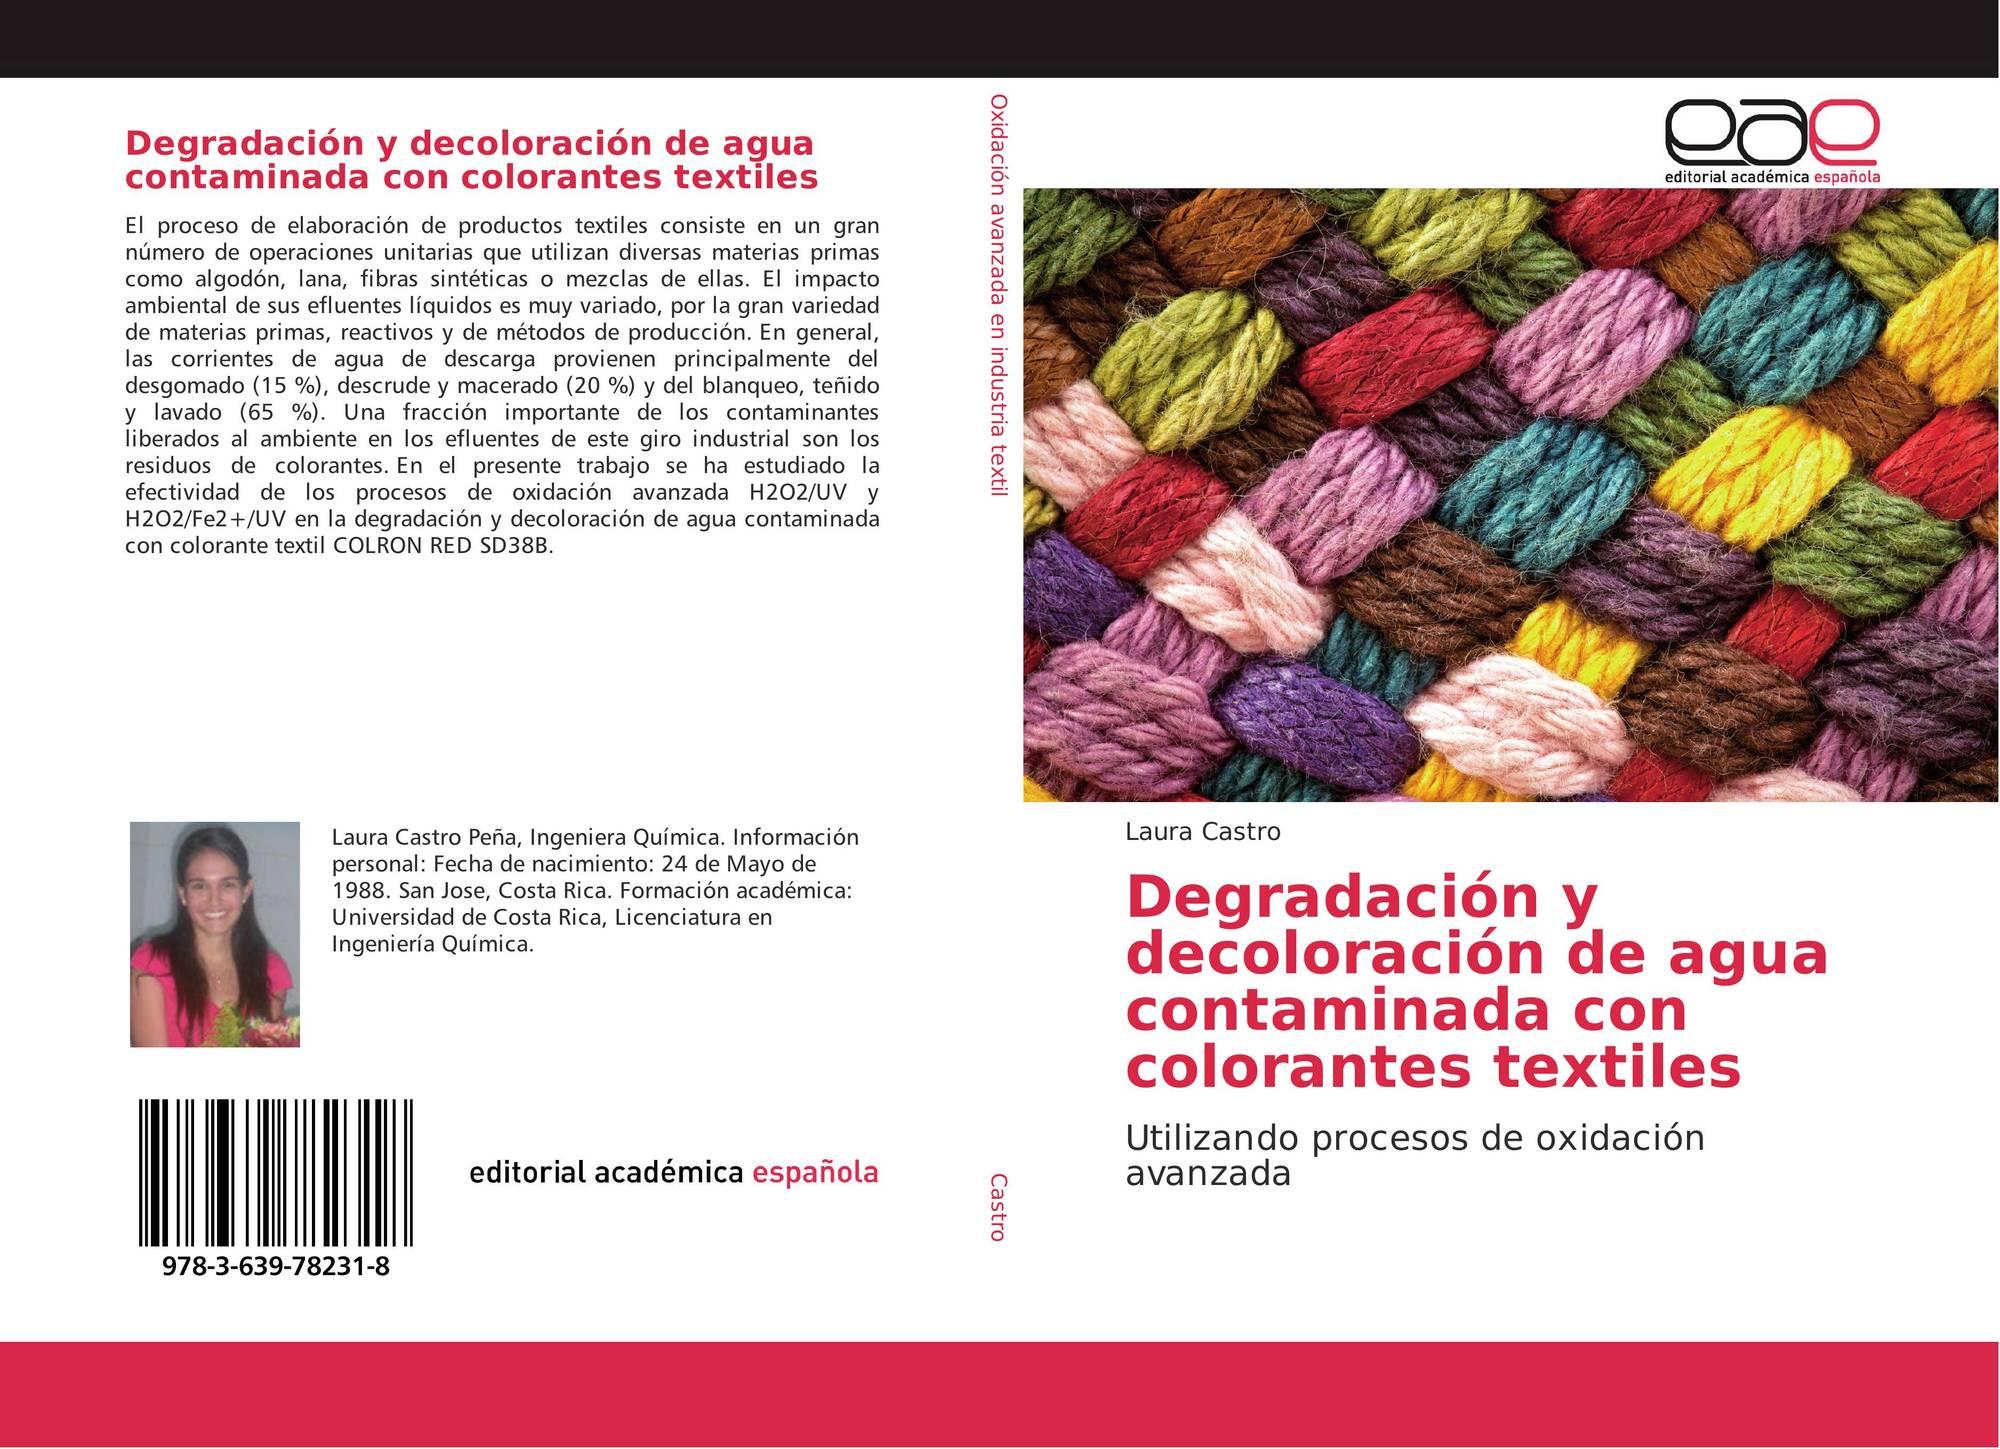 degradación y decoloración de agua contaminada con colorantes